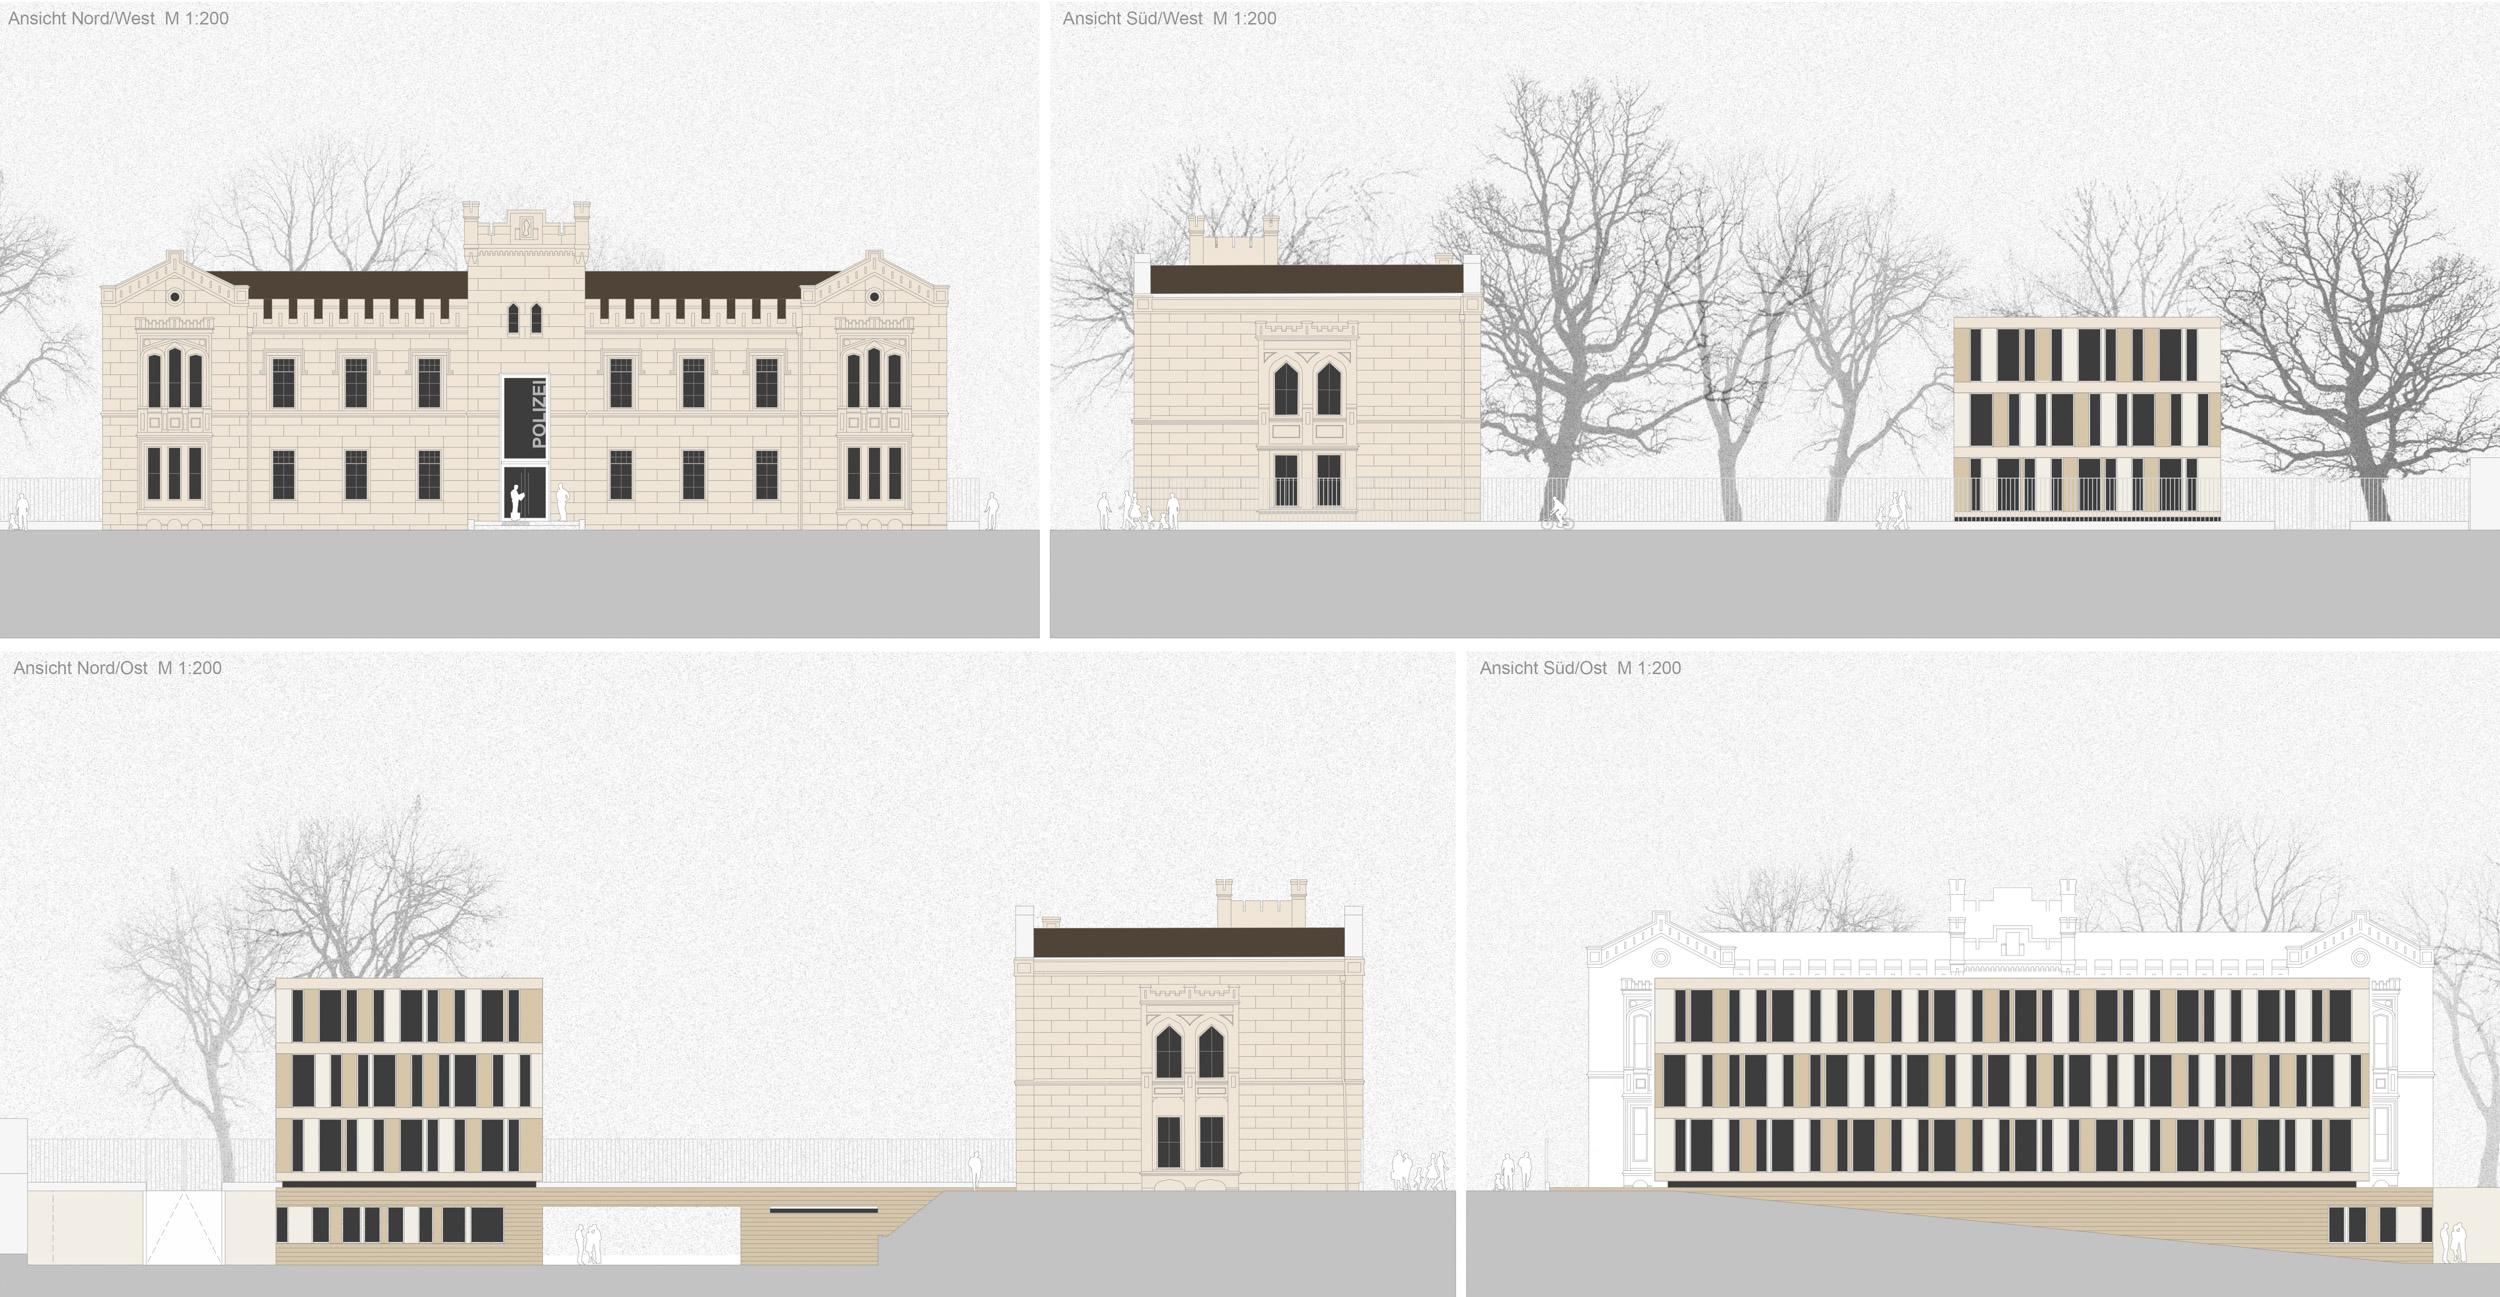 Neues Polizeizentrum Wismar - Ansichten